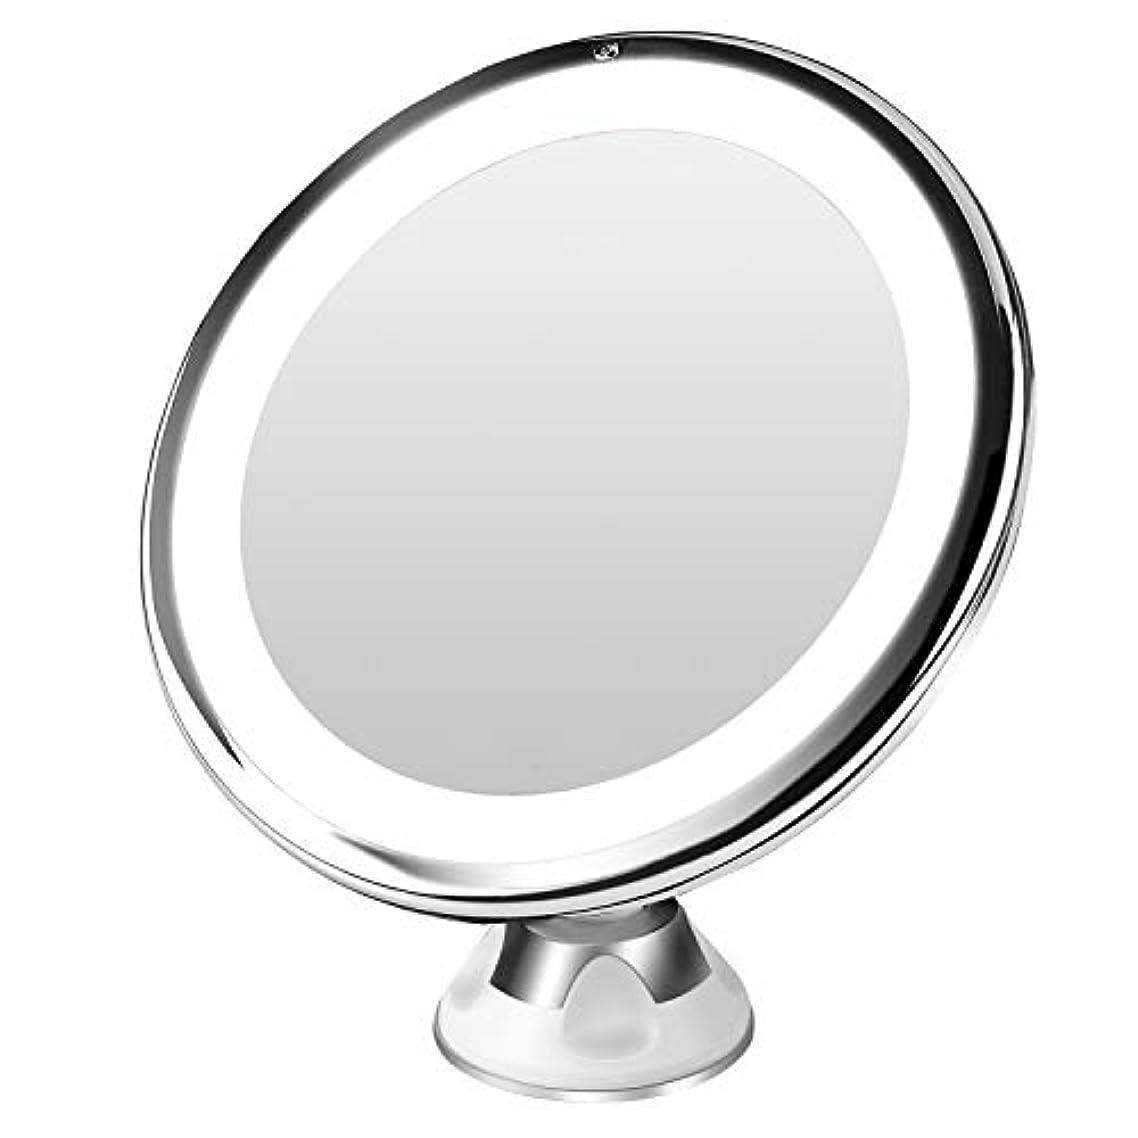 準備する現実には授業料BESTOPE 10倍拡大鏡 LED化粧鏡 浴室鏡 卓上鏡 曇らないミラー 吸盤ロック付きLEDミラー 壁掛けメイクミラー 360度回転スタンドミラー 単四電池&USB給電(改良版)